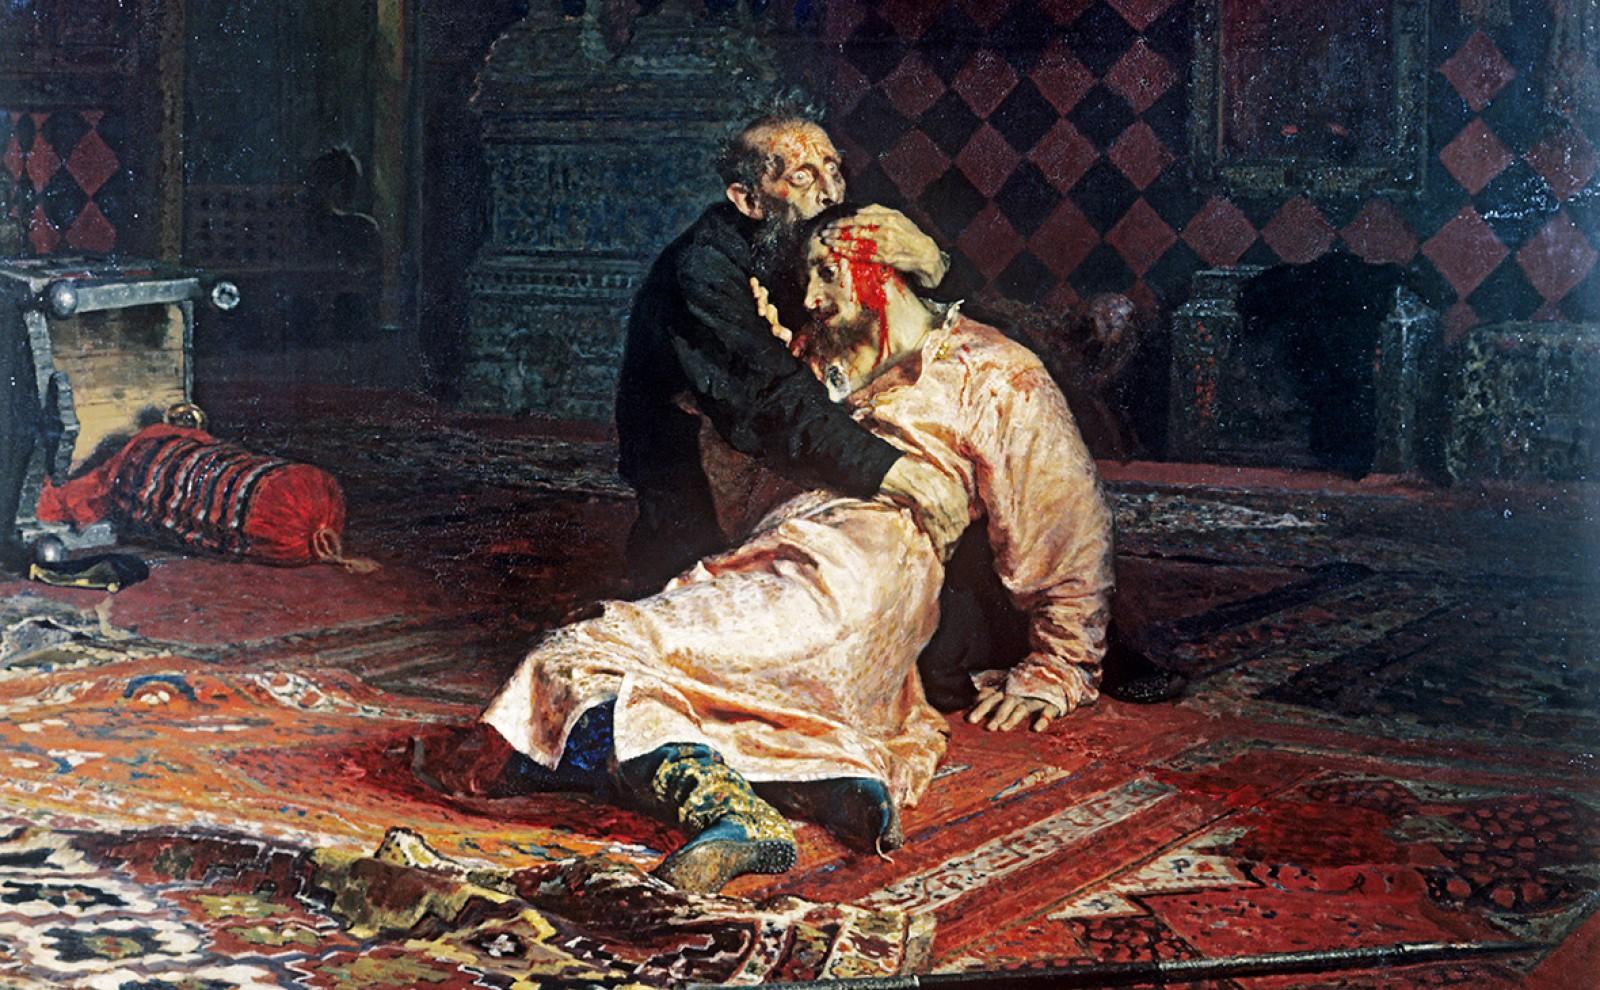 """(video) Un bărbat a deteriorat tabloul """"Ivan cel Groaznic și fiul său"""", din Galeria Tretiakov"""